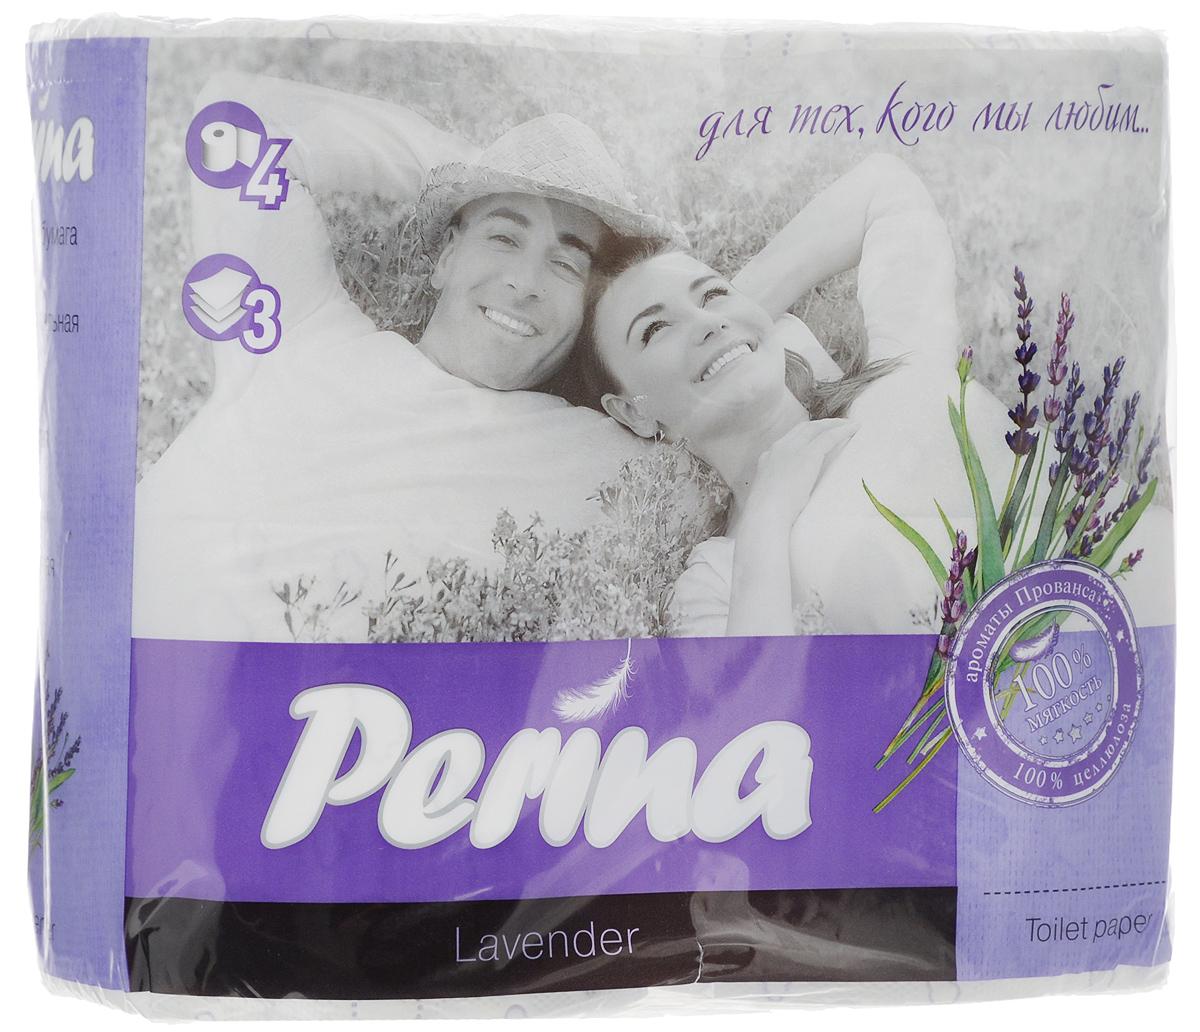 Бумага туалетная Perina Lavander, ароматизированная, трехслойная, 4 рулона152Ароматизированная туалетная бумага Perina Lvander выполнена из натуральной целлюлозы и обладает приятным ароматом лаванды. Трехслойная туалетная бумага мягкая, нежная, но в тоже время прочная. Листы имеют рисунок с перфорацией. Длина рулона: 18,8 м. Количество листов: 150 шт. Количество слоев: 3. Размер листа: 12,5 х 9,4 см. Состав: 100% целлюлоза.